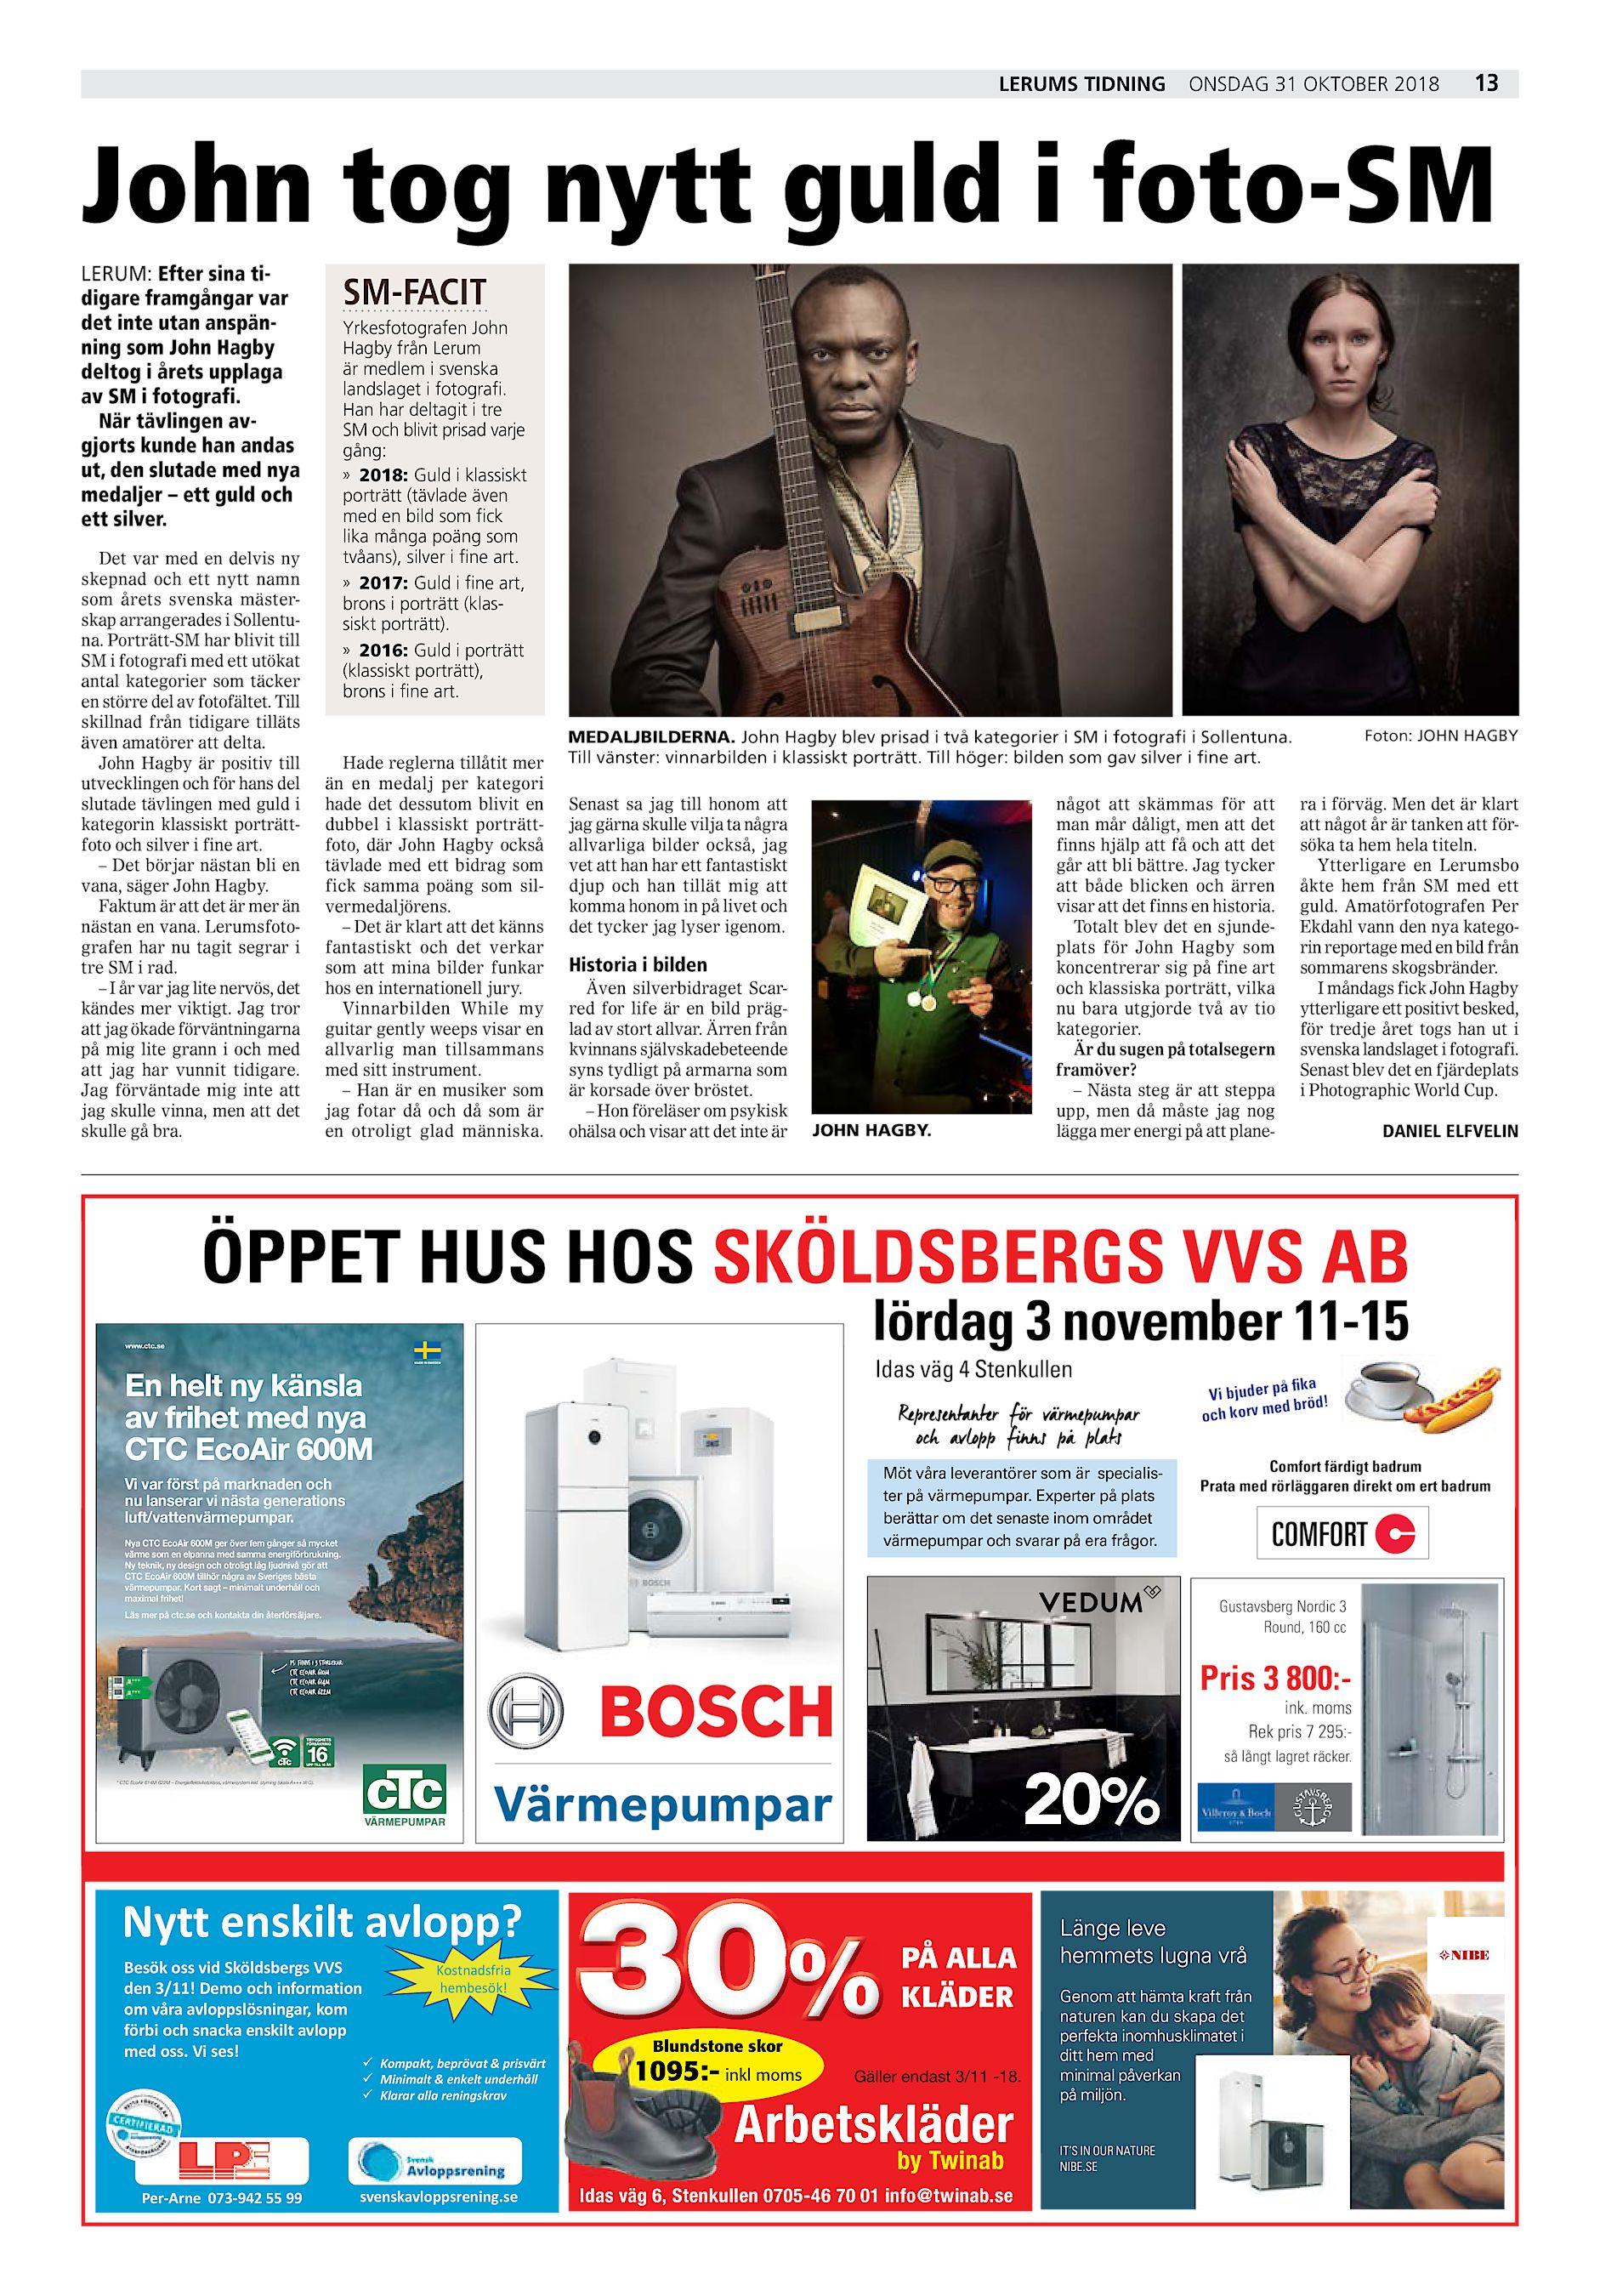 Dejting Karlskrona   Hitta krleken bland singelfrldrar